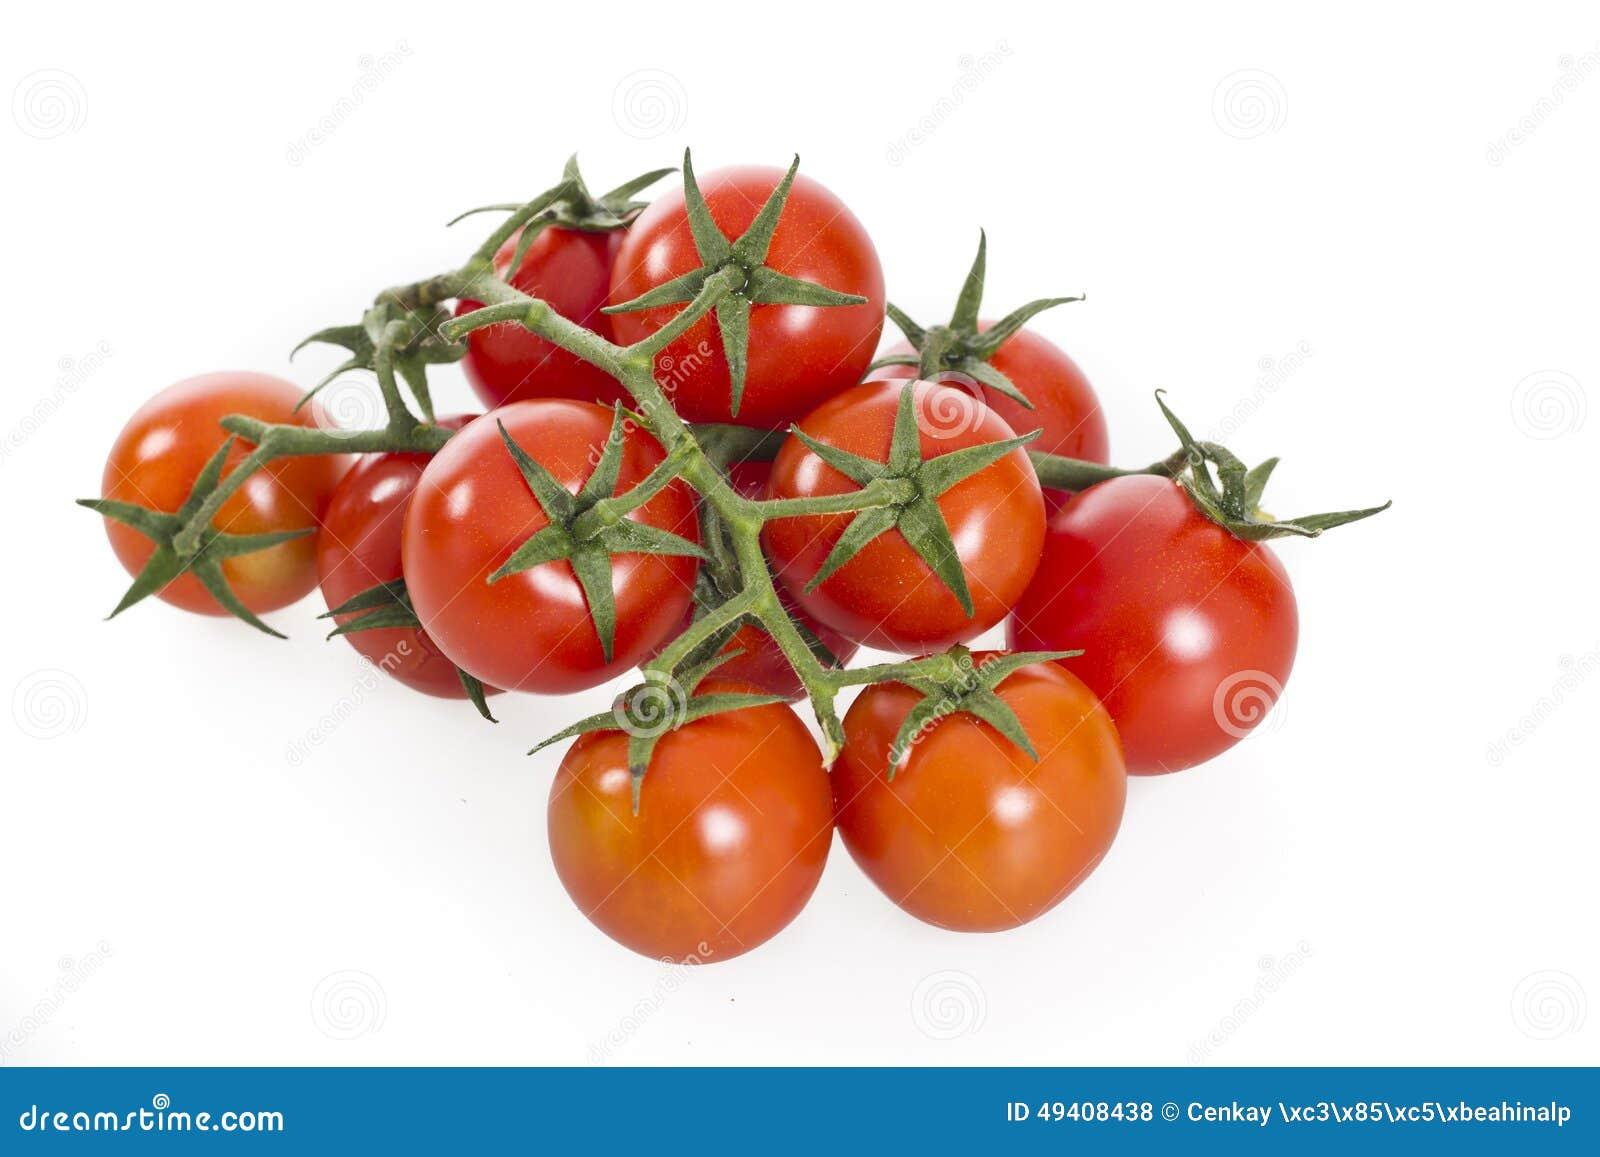 Download Tomaten stockfoto. Bild von saftig, bestandteil, frisch - 49408438